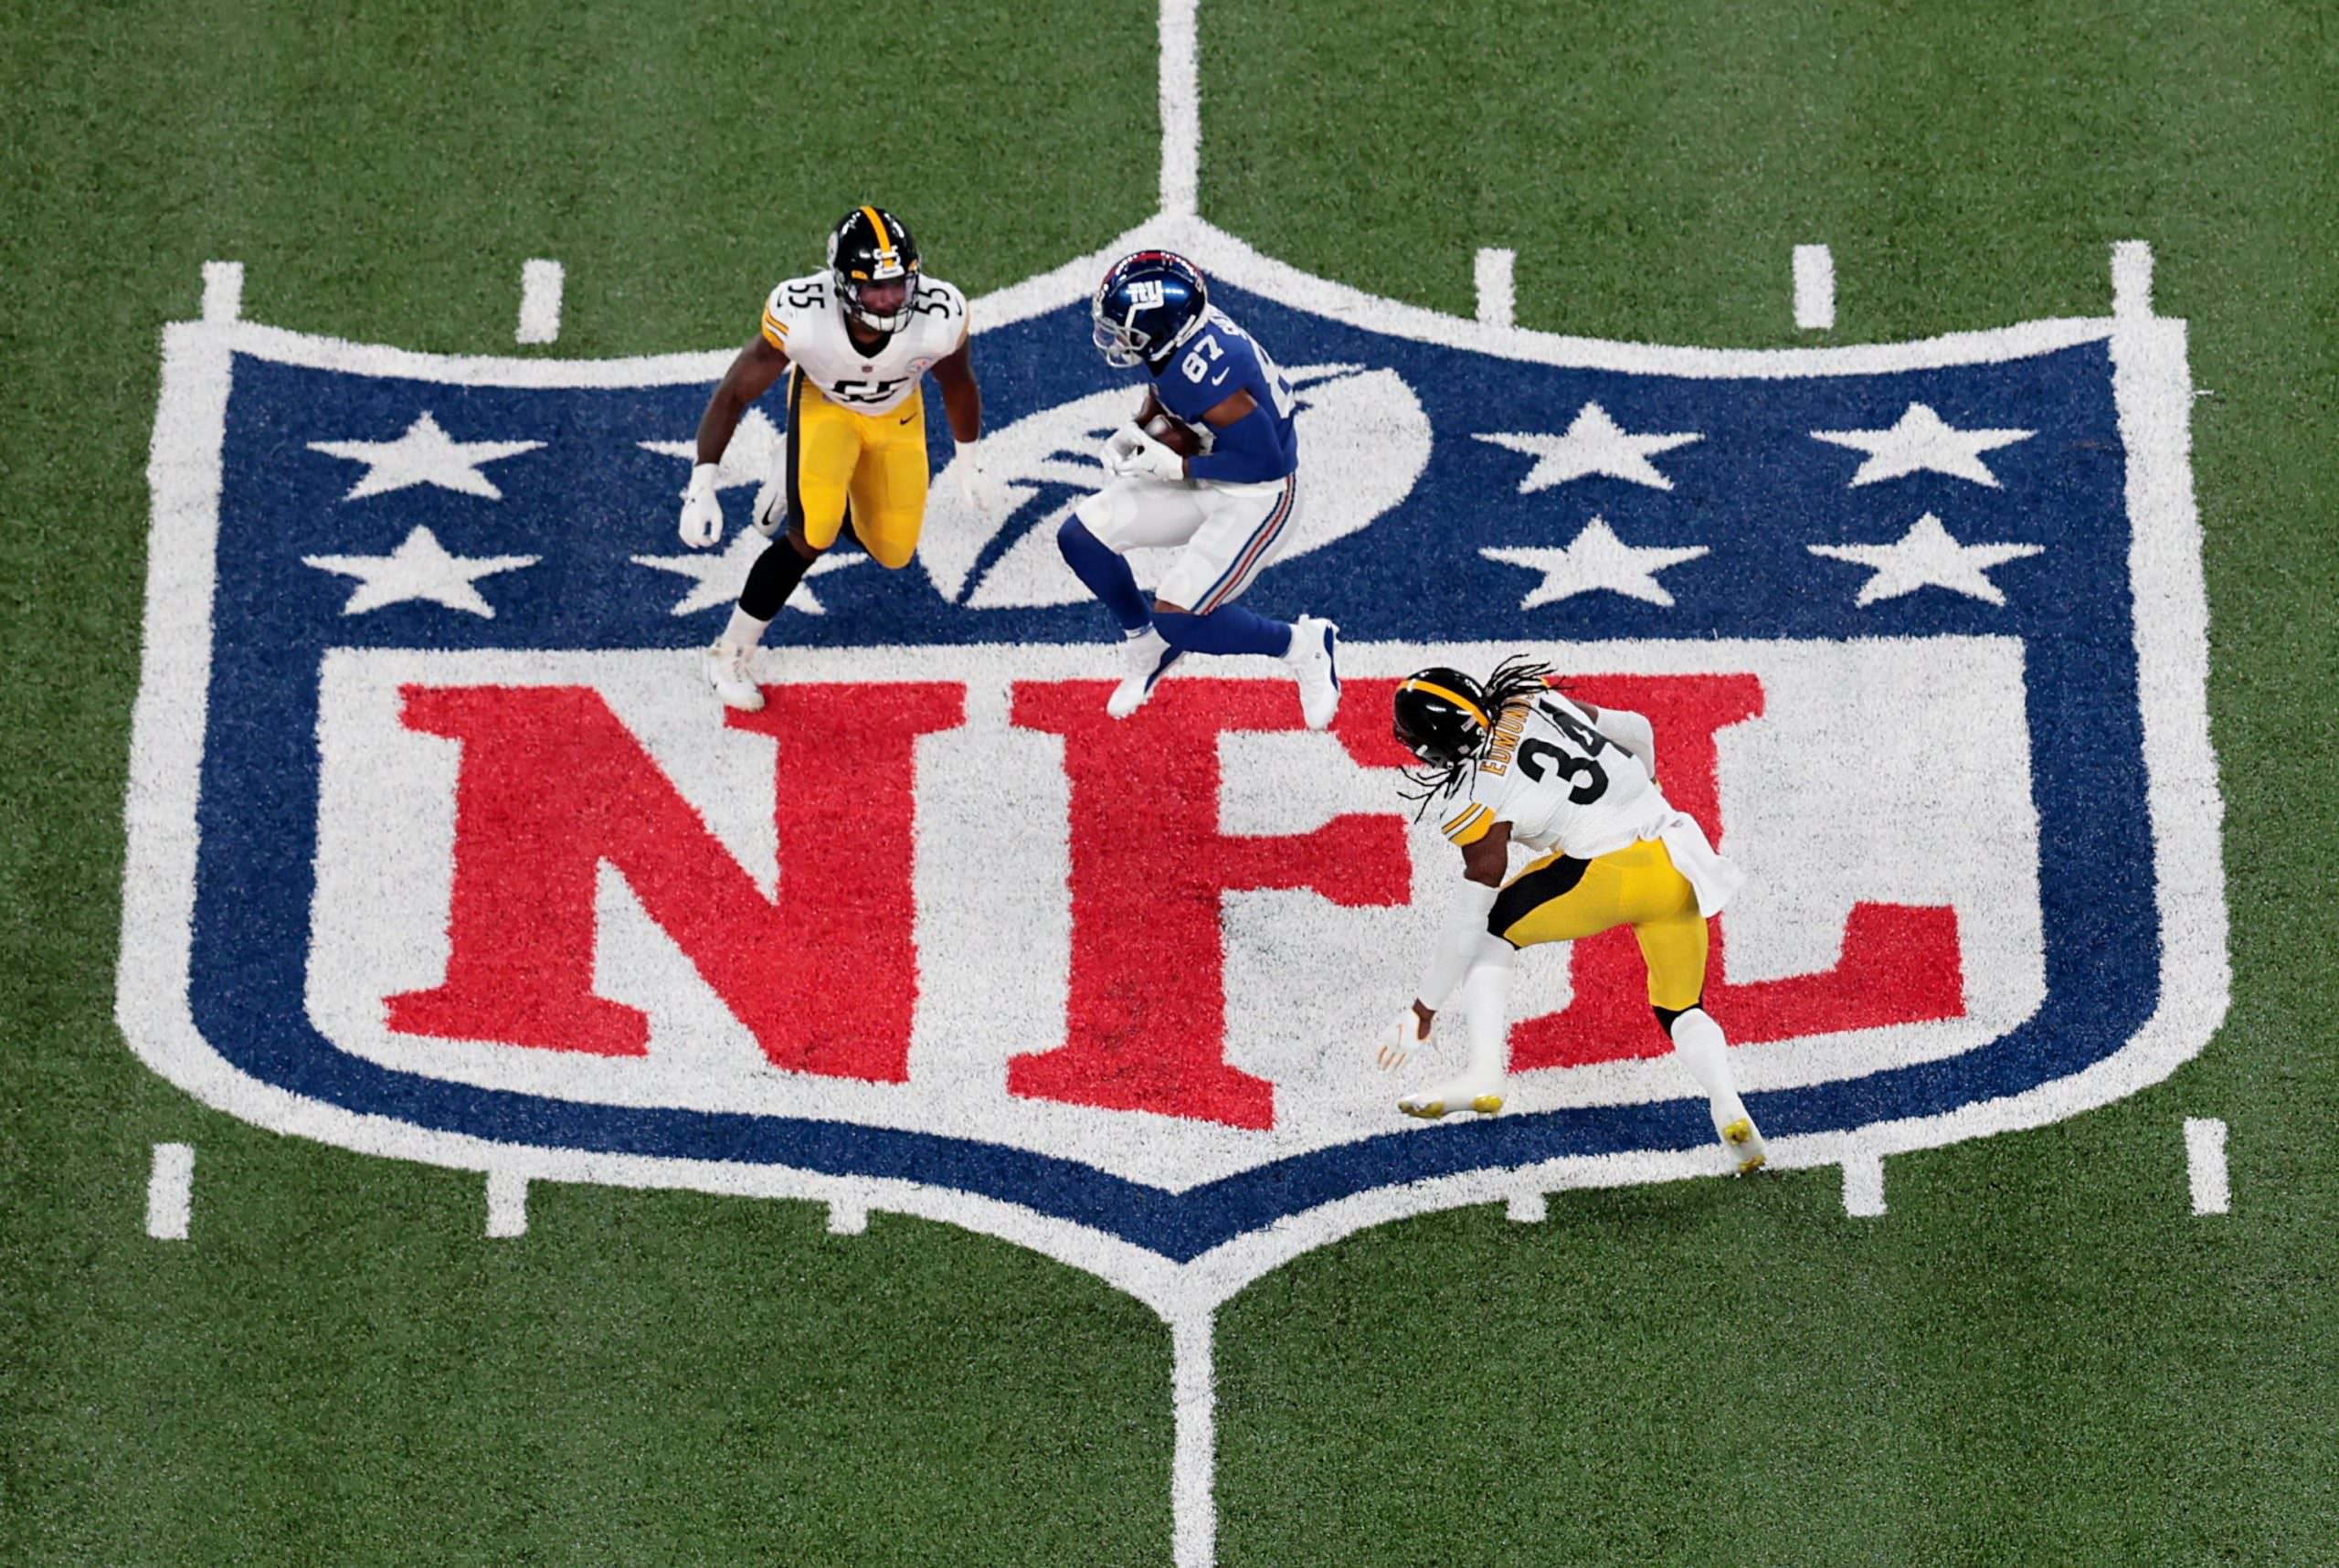 Com a conclusão dos negócios com a mídia, a NFL planeja mais de US $ 100 milhões por ano para seus direitos de dados